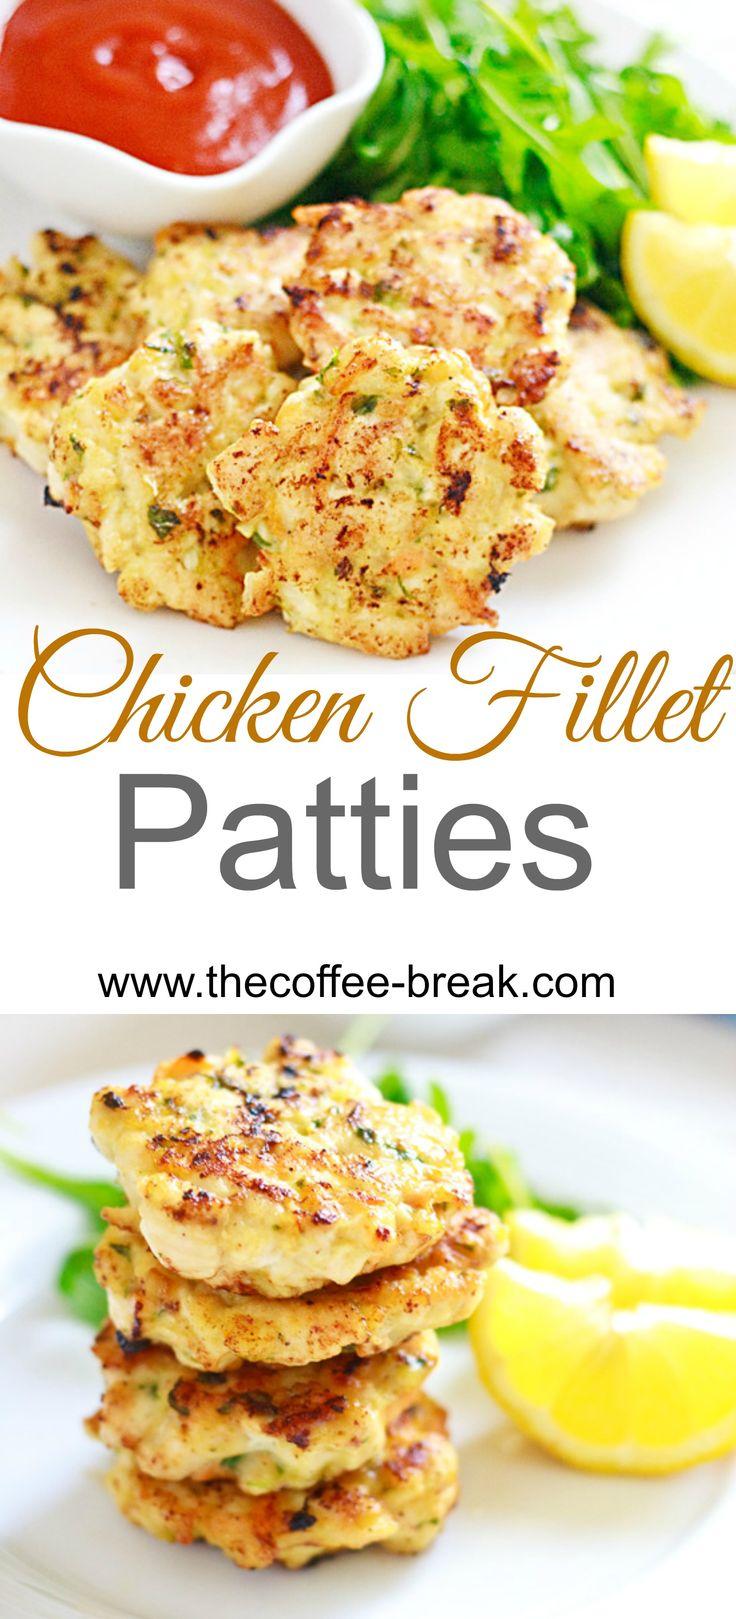 Chicken Fillet Patties    www.thecoffee-break.com